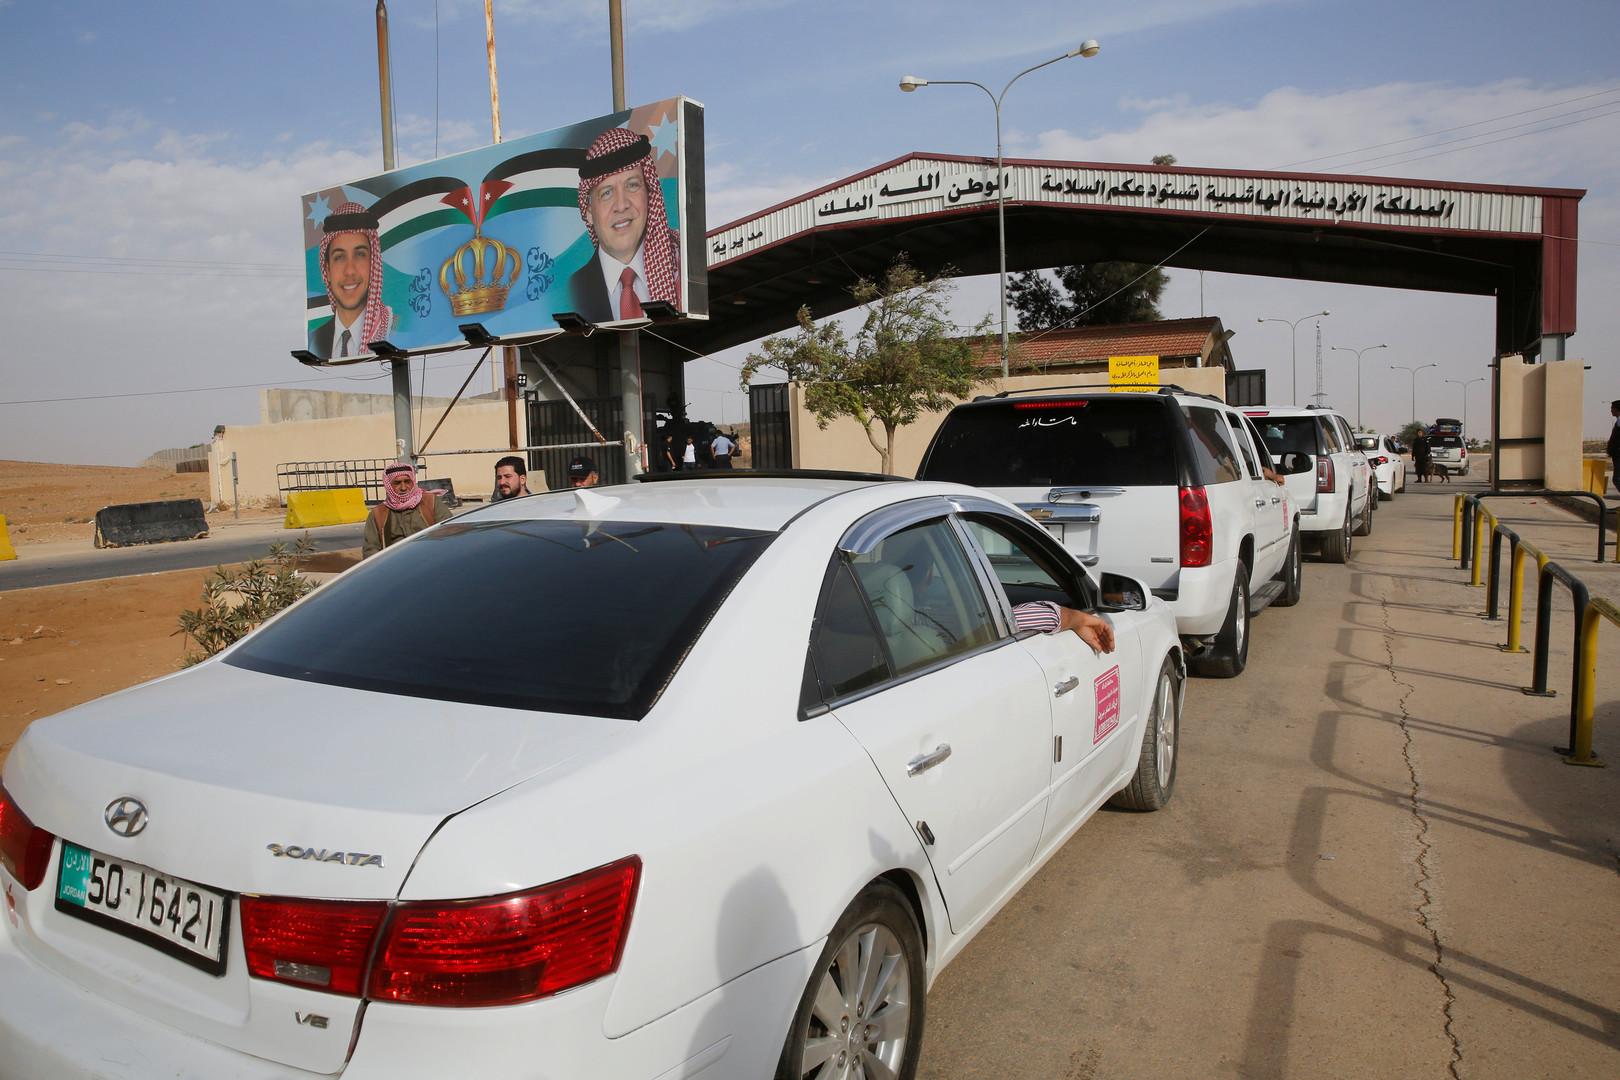 القائم بأعمال سوريا في الأردن يؤكد استعداد بلاده لإعادة العلاقات